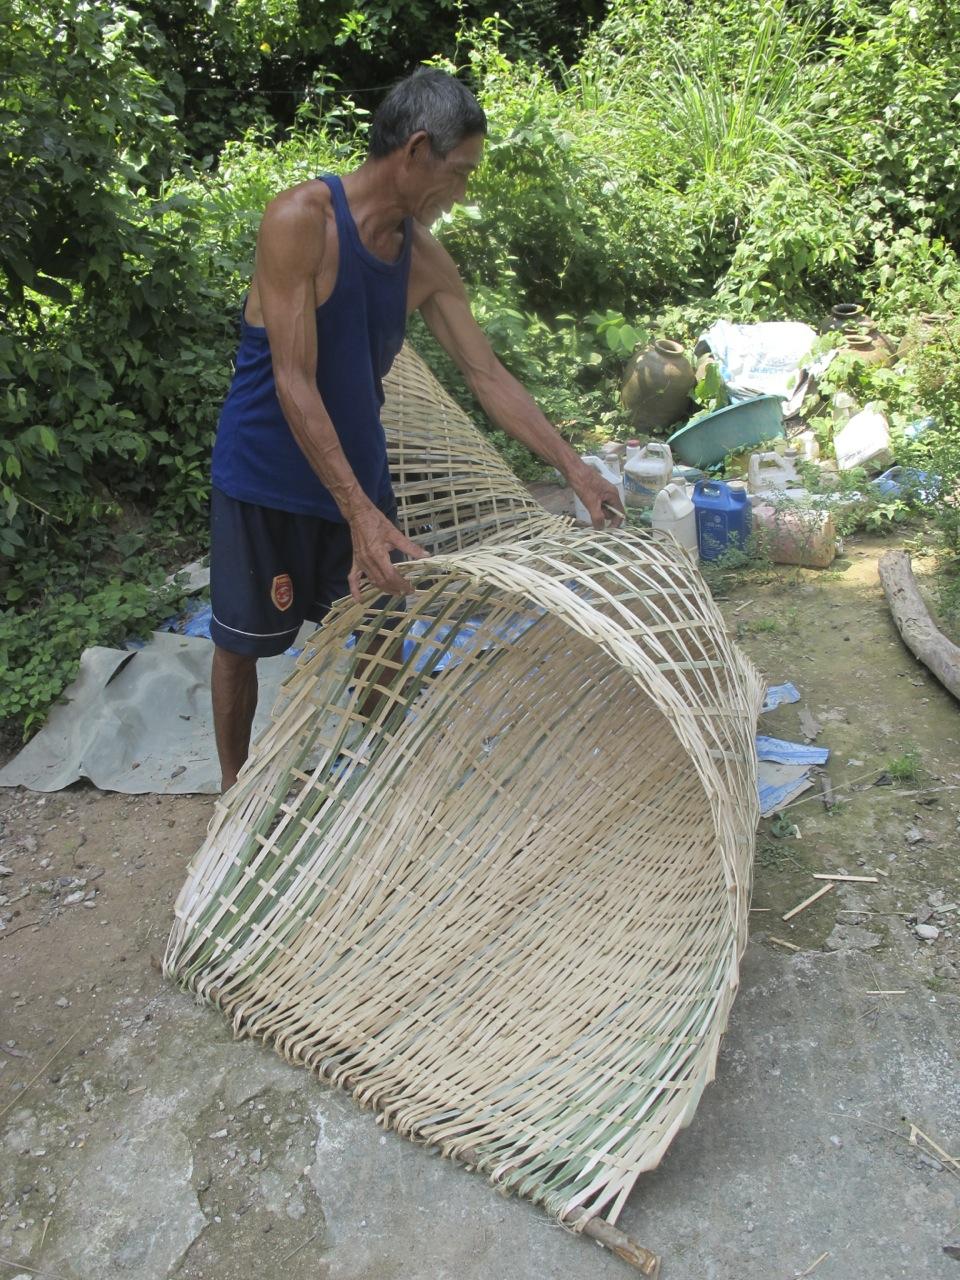 A brush bundle trap